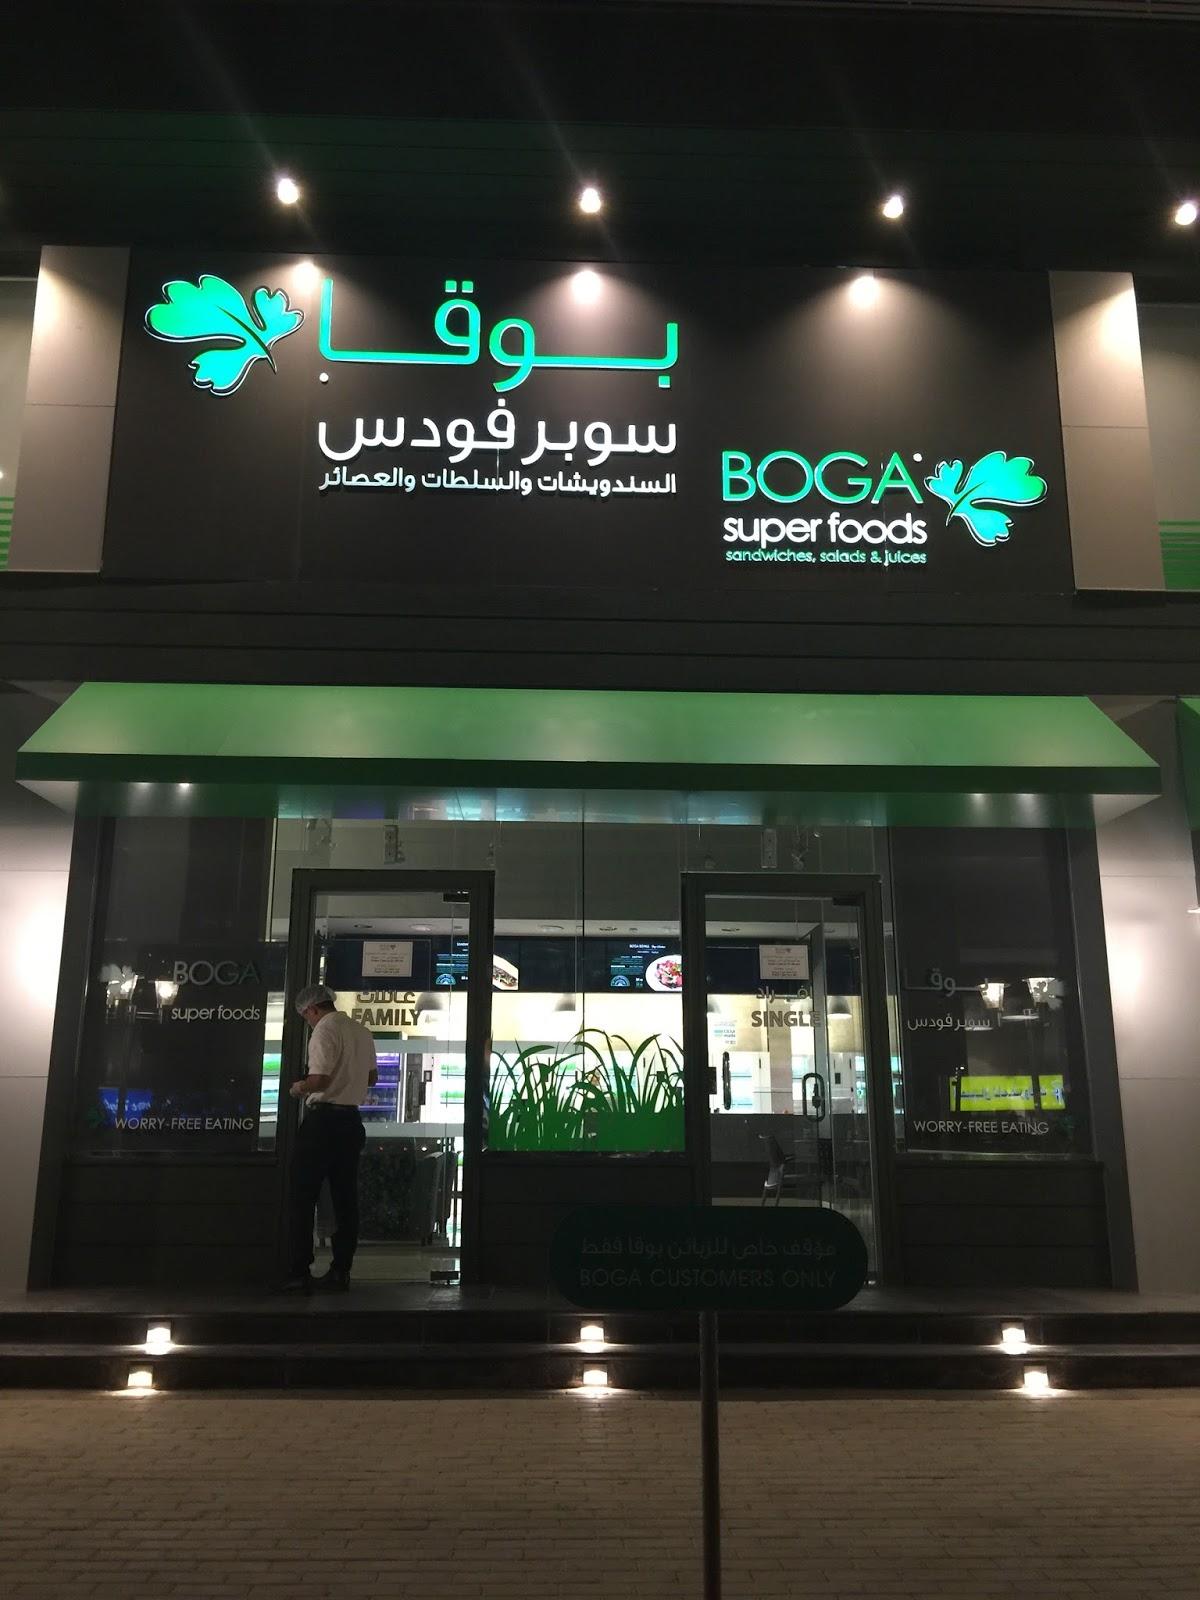 مطعم Boga بوقا الأسعار المنيو الموقع كافيهات و مطاعم الرياض